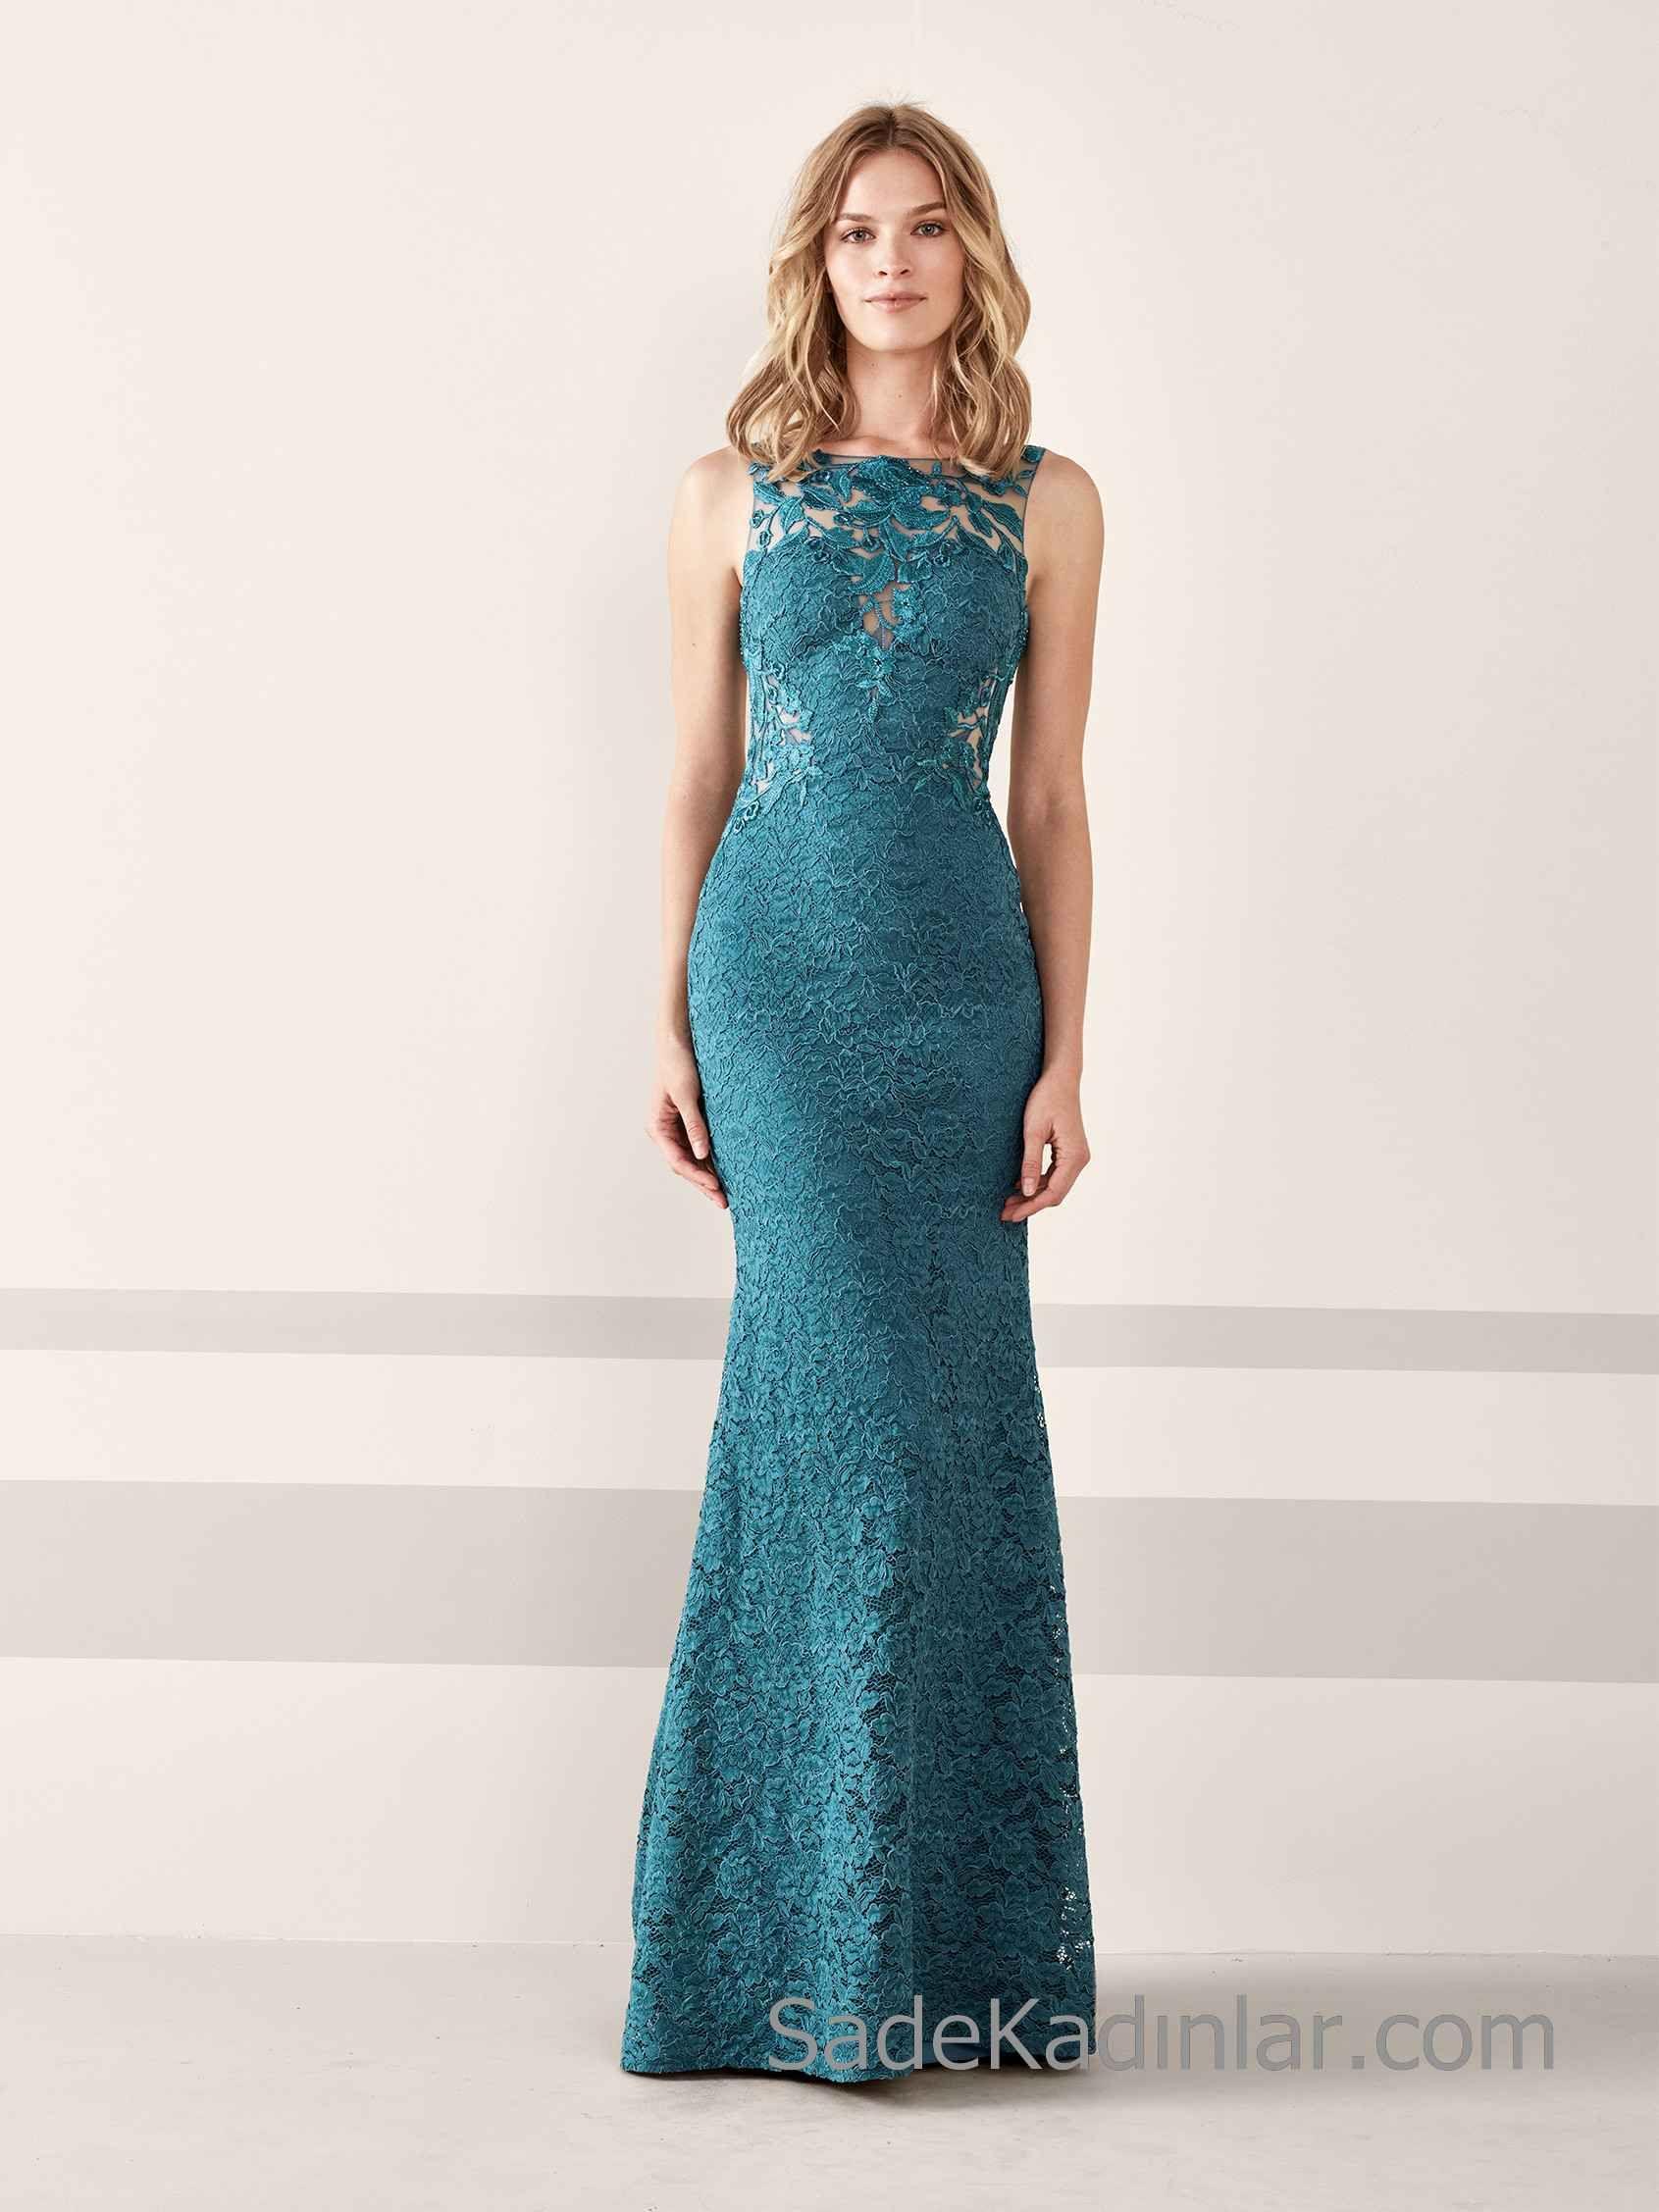 Pronovias 2020 Abiye Elbise Modelleri Yesil Uzun Balik Etekli Kolsuz Transparan Yakali Resmi Elbise Elbise Modelleri Elbise